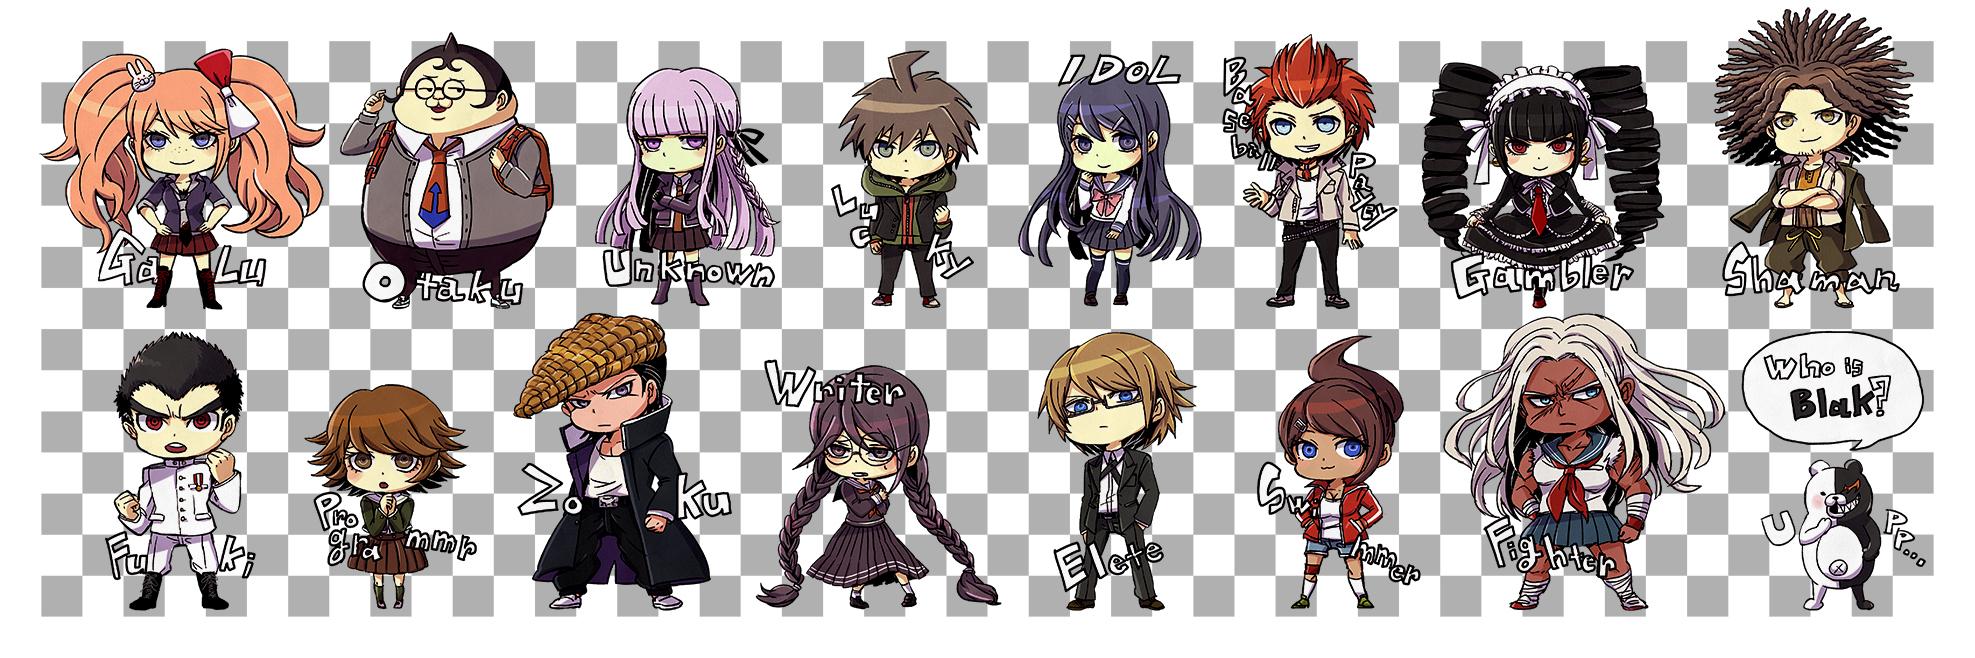 Danganronpa 3 Anime Characters : Danganronpa zerochan